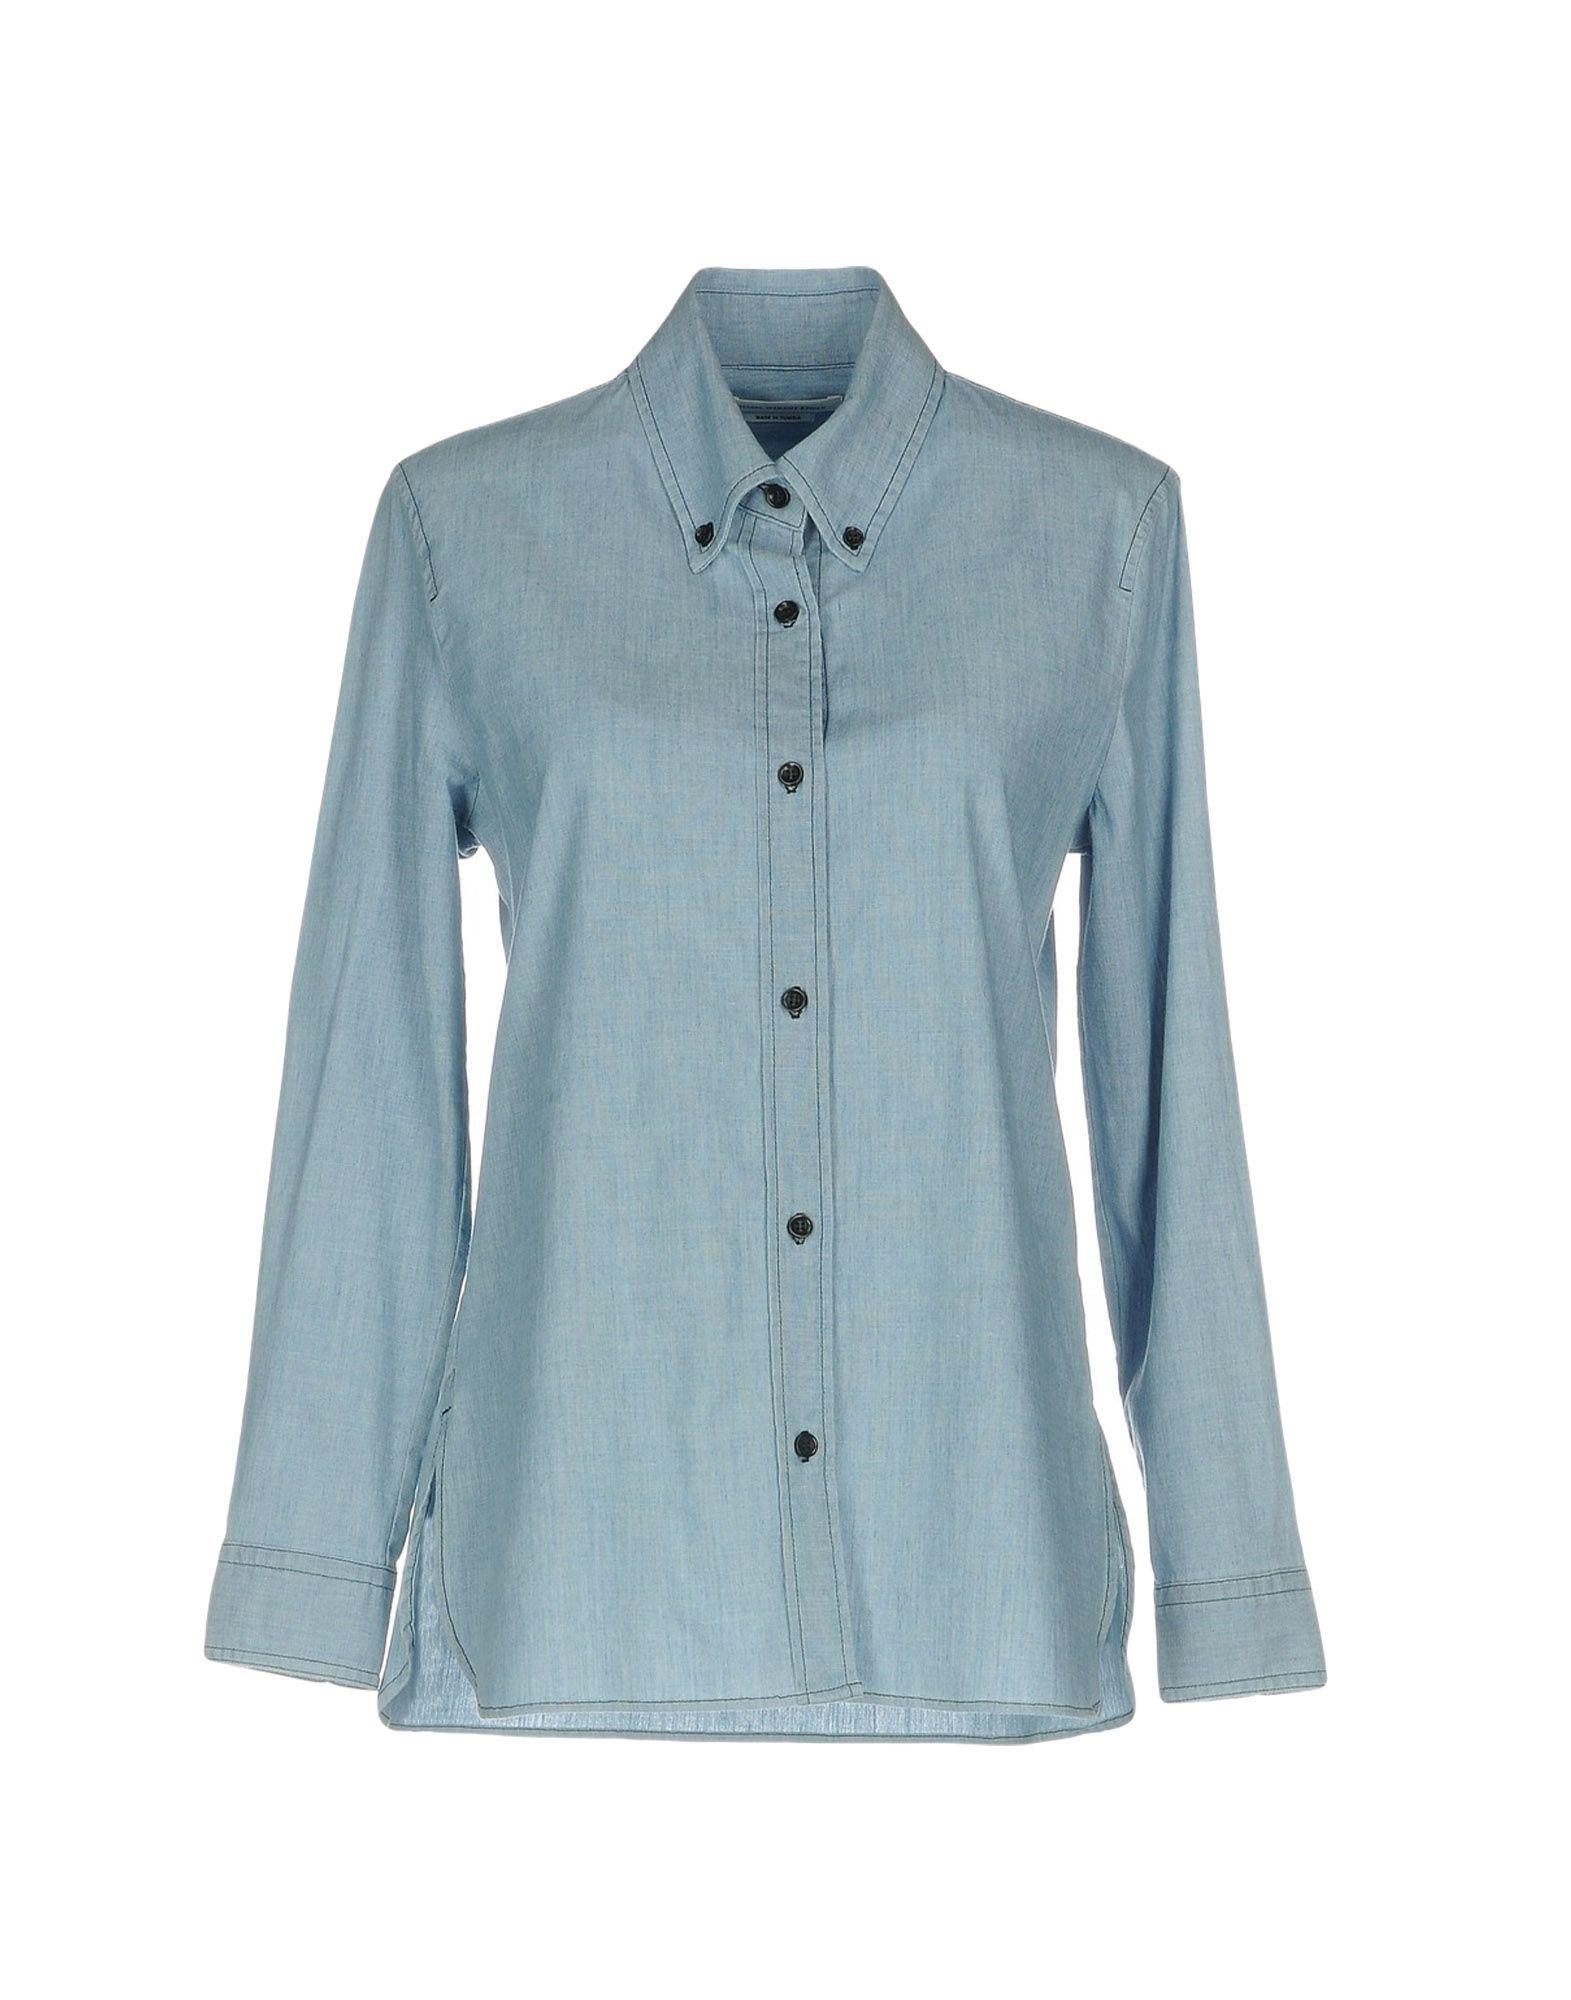 ISABEL MARANT ÉTOILE Джинсовая рубашка рубашка isabel queen